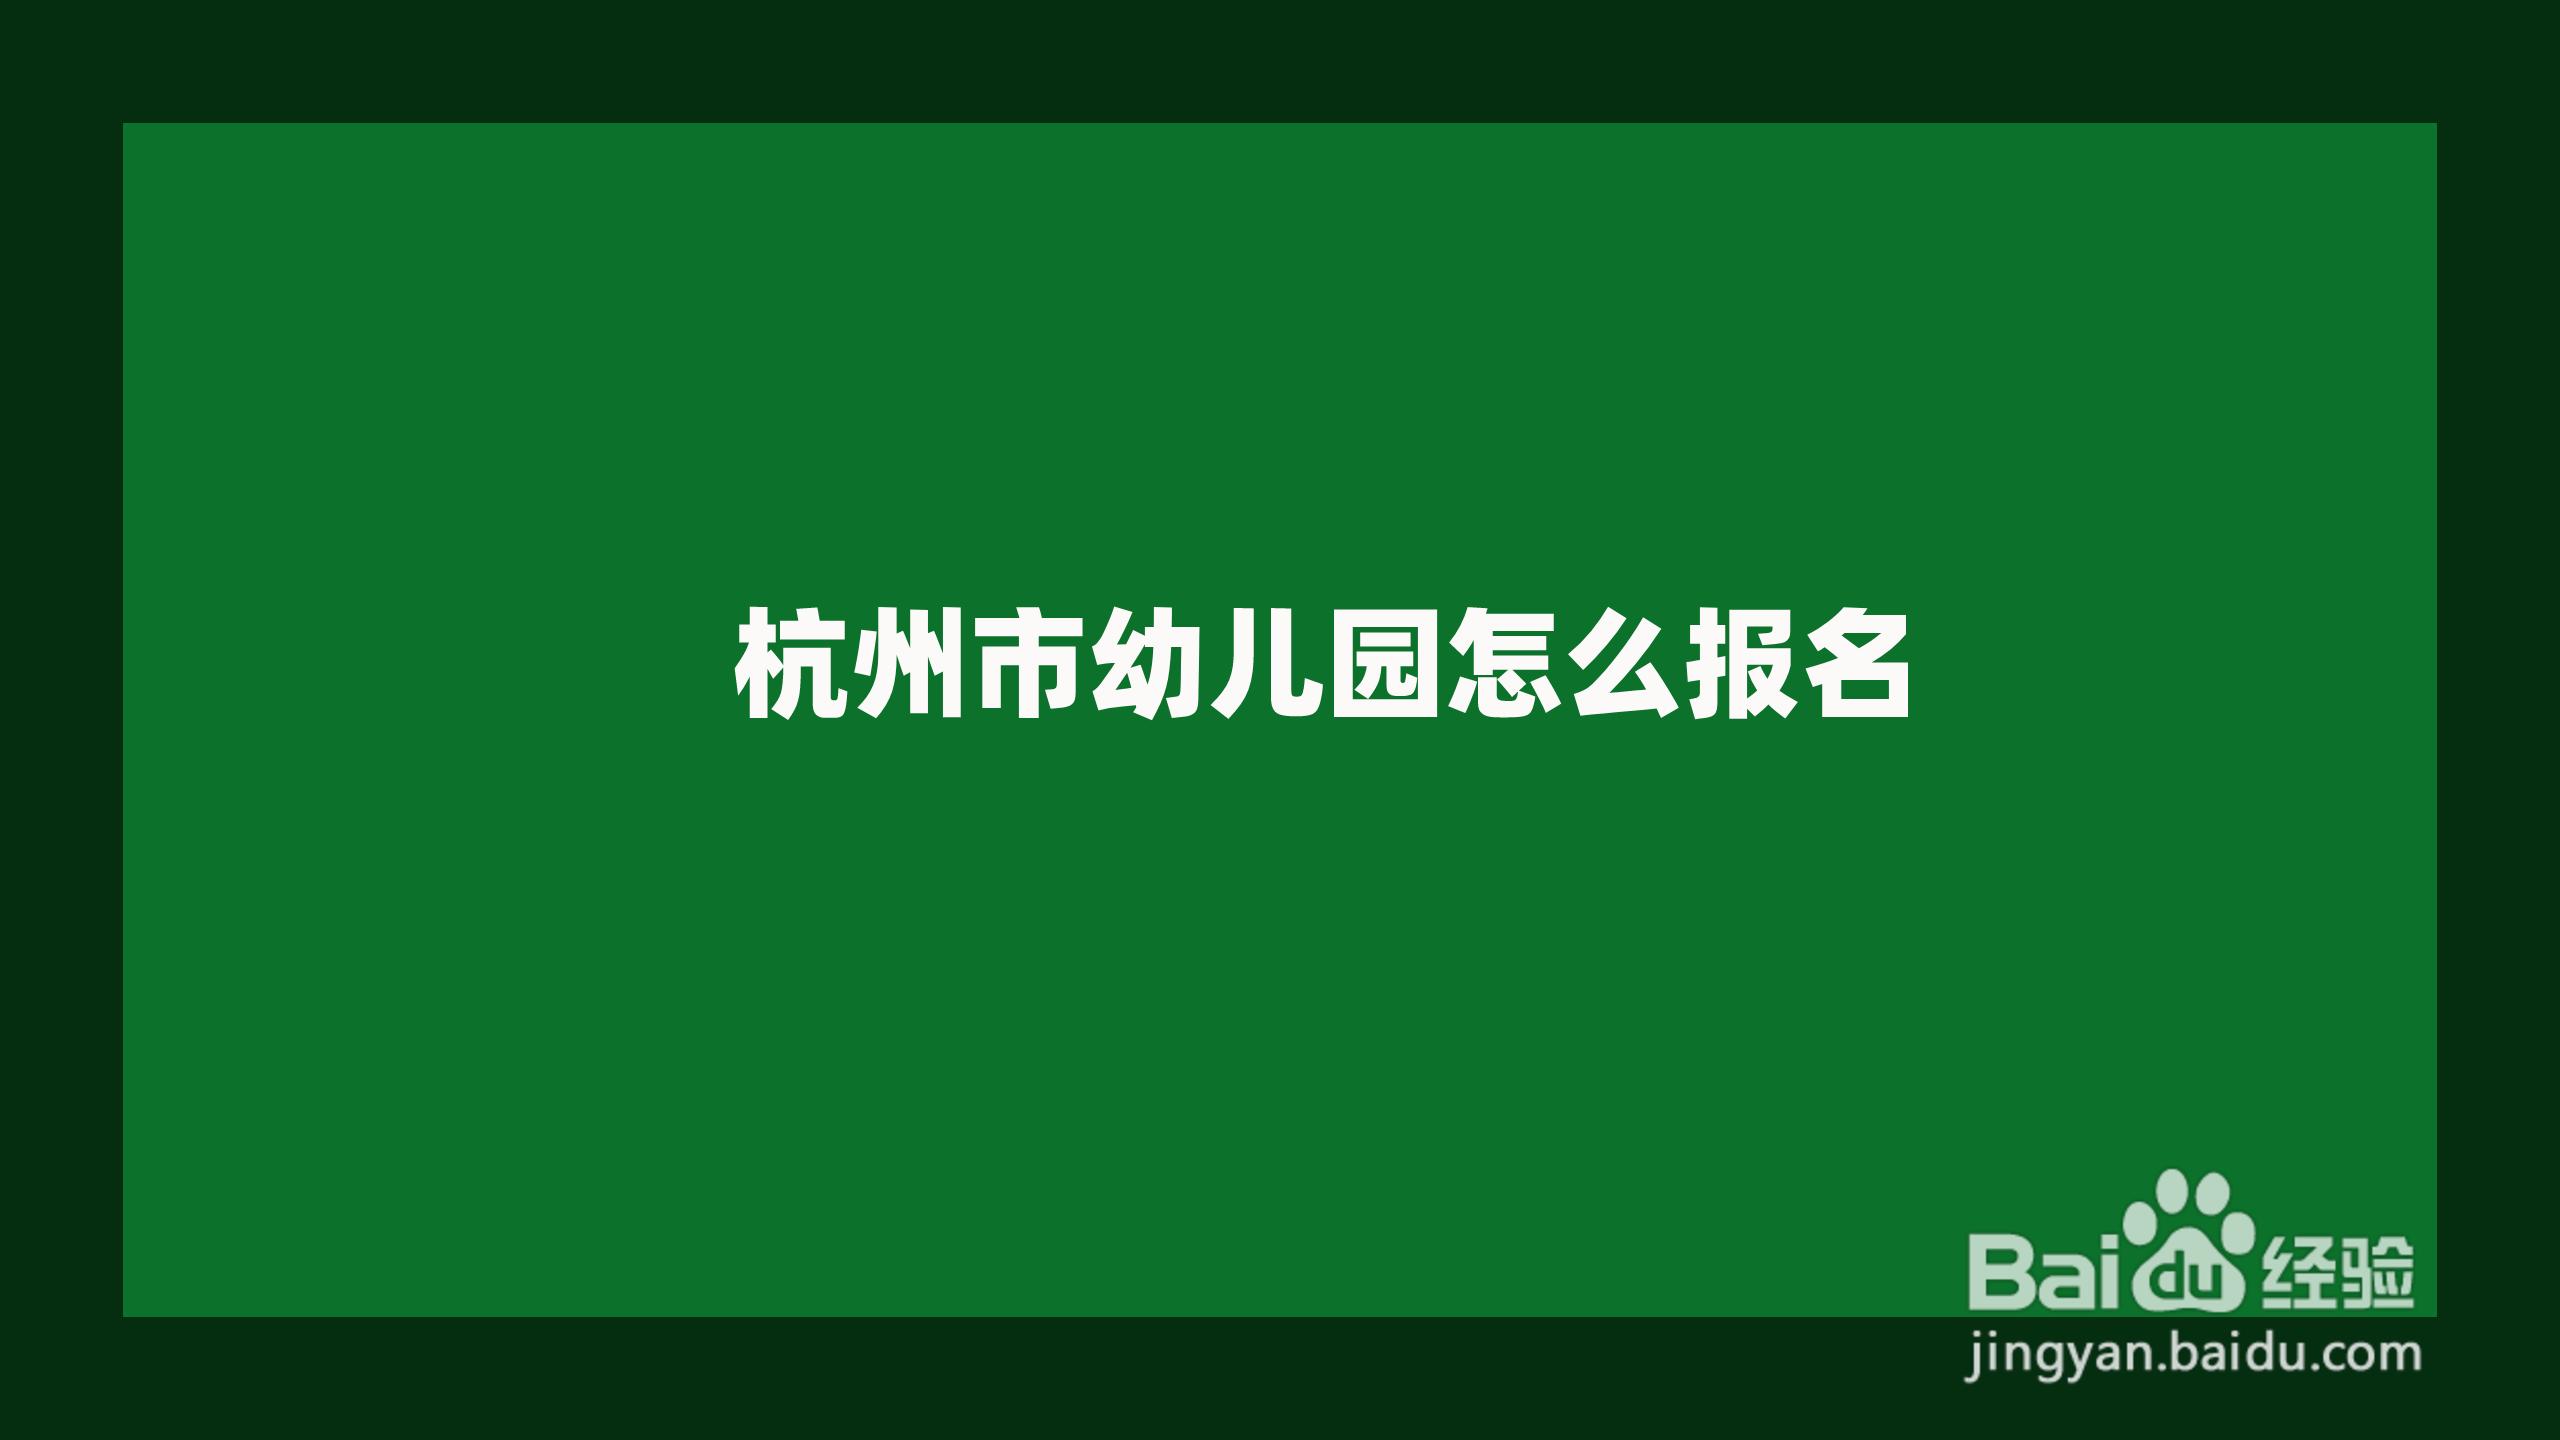 杭州市幼儿园怎么报名